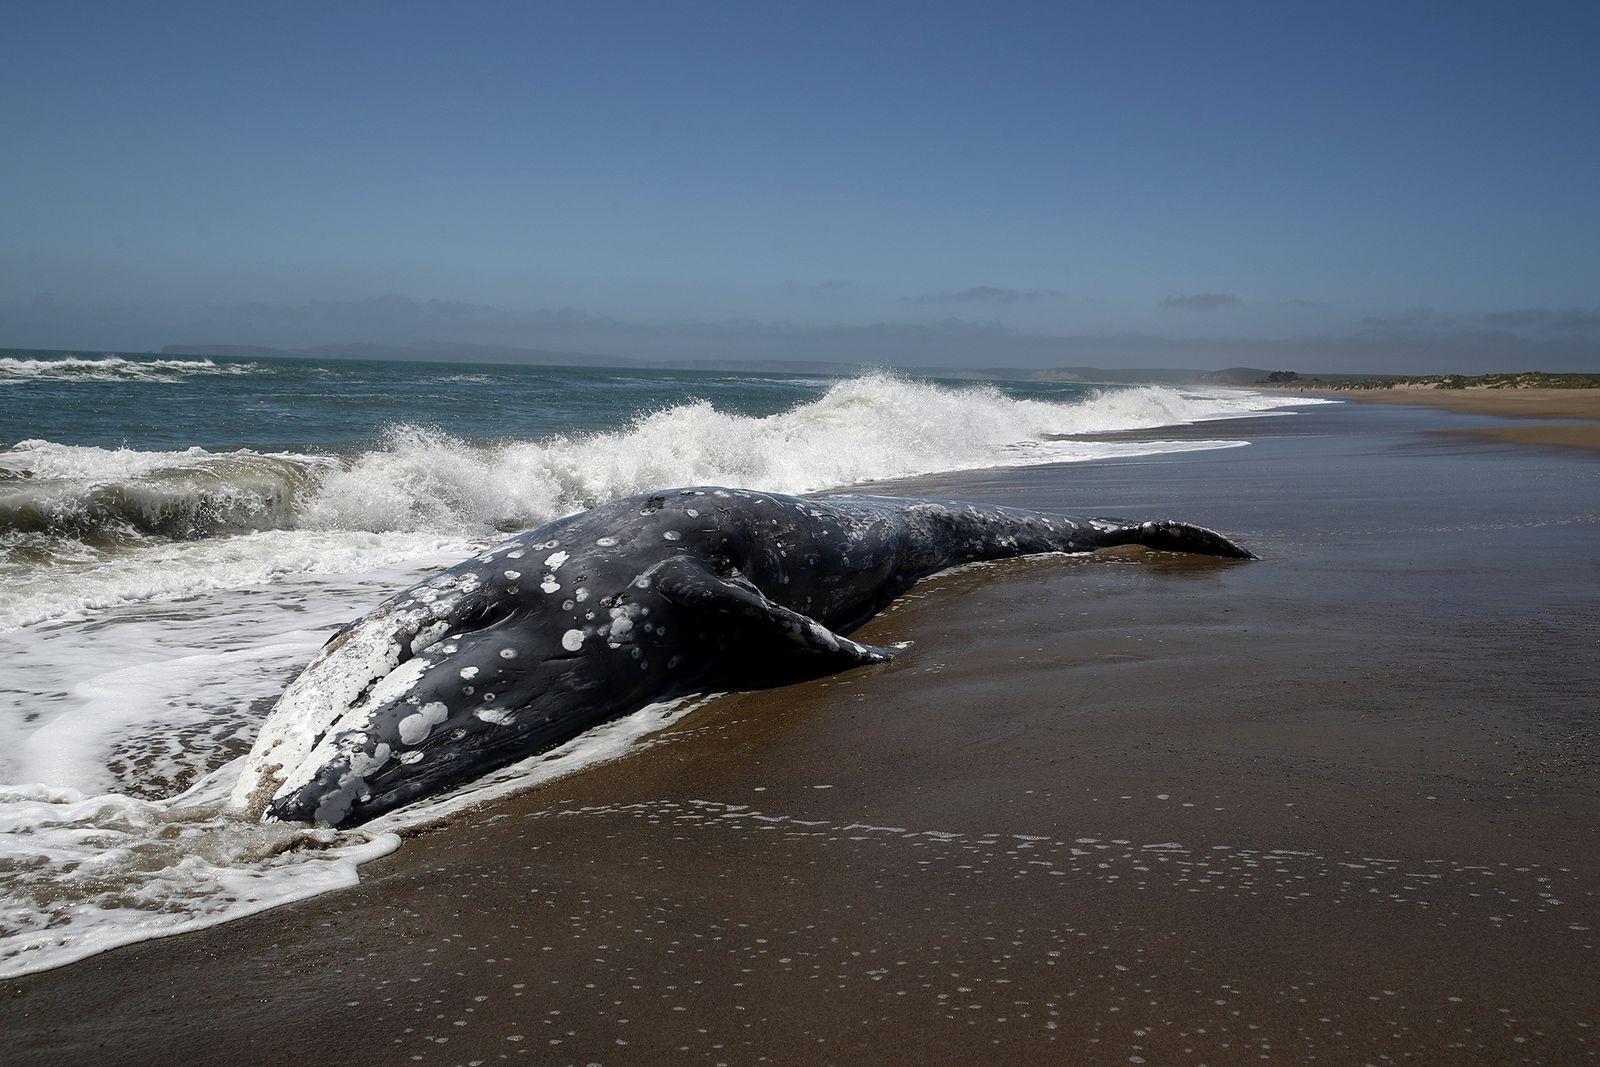 Les tempêtes solaires seraient-elles responsables de l'échouage des baleines ?